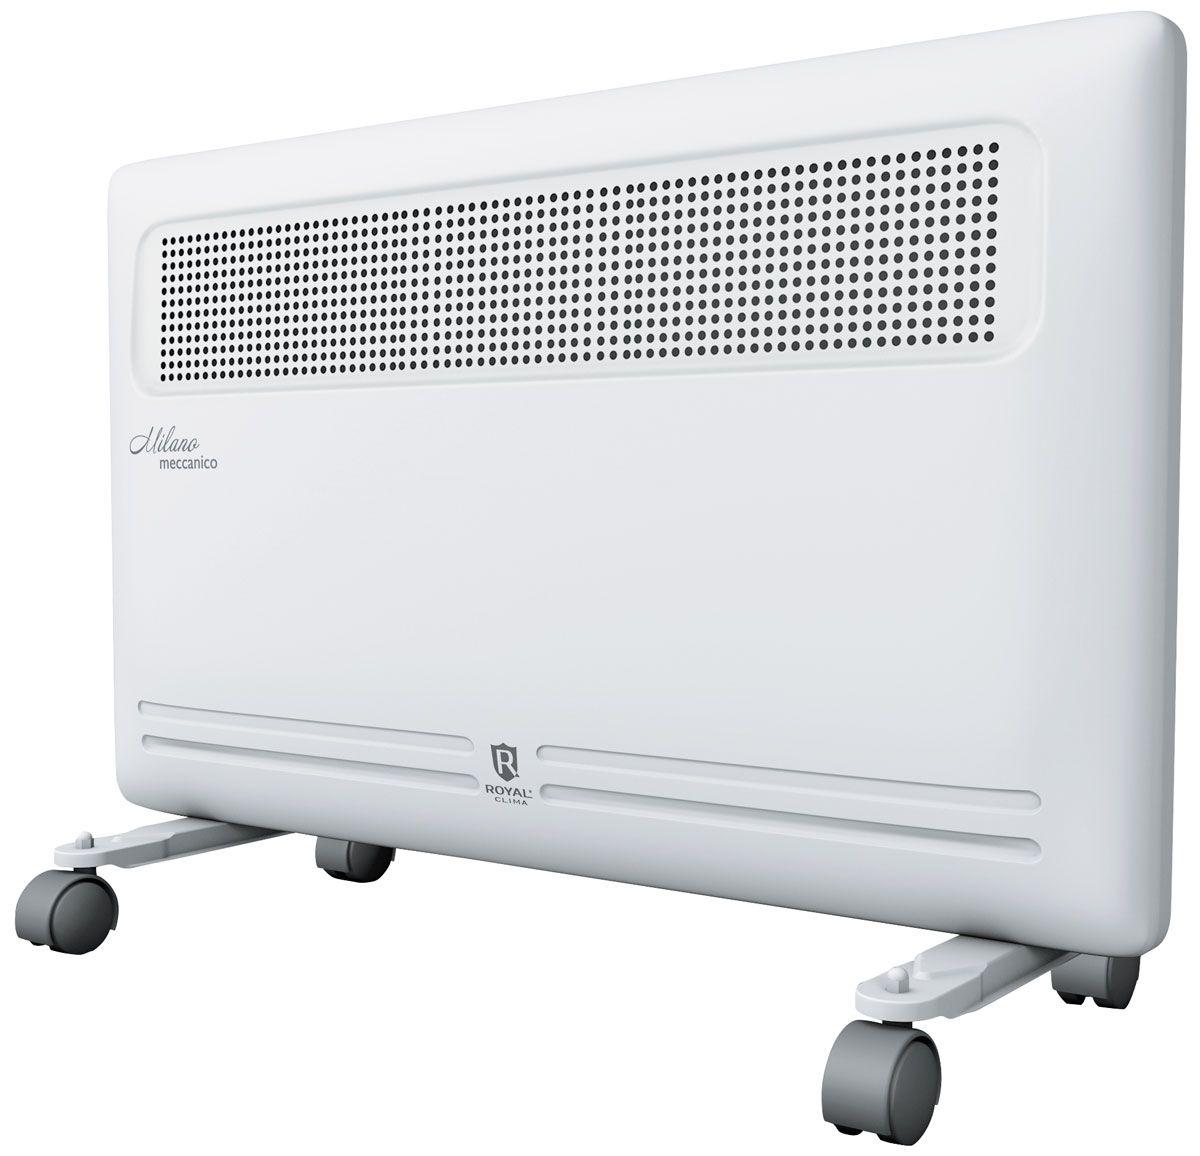 Royal Clima REC-M1500M электрический конвекторREC-M1500MКонвектор Royal Milano Meccanico - это идеальное сочетание высокого качества, производительности и безопасности использования в изысканном итальянском дизайне.Эксклюзивная конструкция воздухораздаточного отверстия увеличенной площади обеспечивает равномерный прогрев всего помещения. Высокая эффективность работы конвектора достигается благодаря литому алюминиевому нагревательному X-элементу X-ROYAL Long Life Heater, который обладает увеличенной площадью теплообмена и сниженной температурой поверхности. Нагревательный элемент нового поколения обеспечивает мгновенный разогрев за 10-20 секунд, высокую эффективность распределения тепла, и при этом не пересушивает воздух и не сжигает кислород.Все необходимые опции и режимы, система безопасной эксплуатации Security Project, легкая установка и эксплуатация делают Royal Milano Meccanico незаменимым для вашего дома.